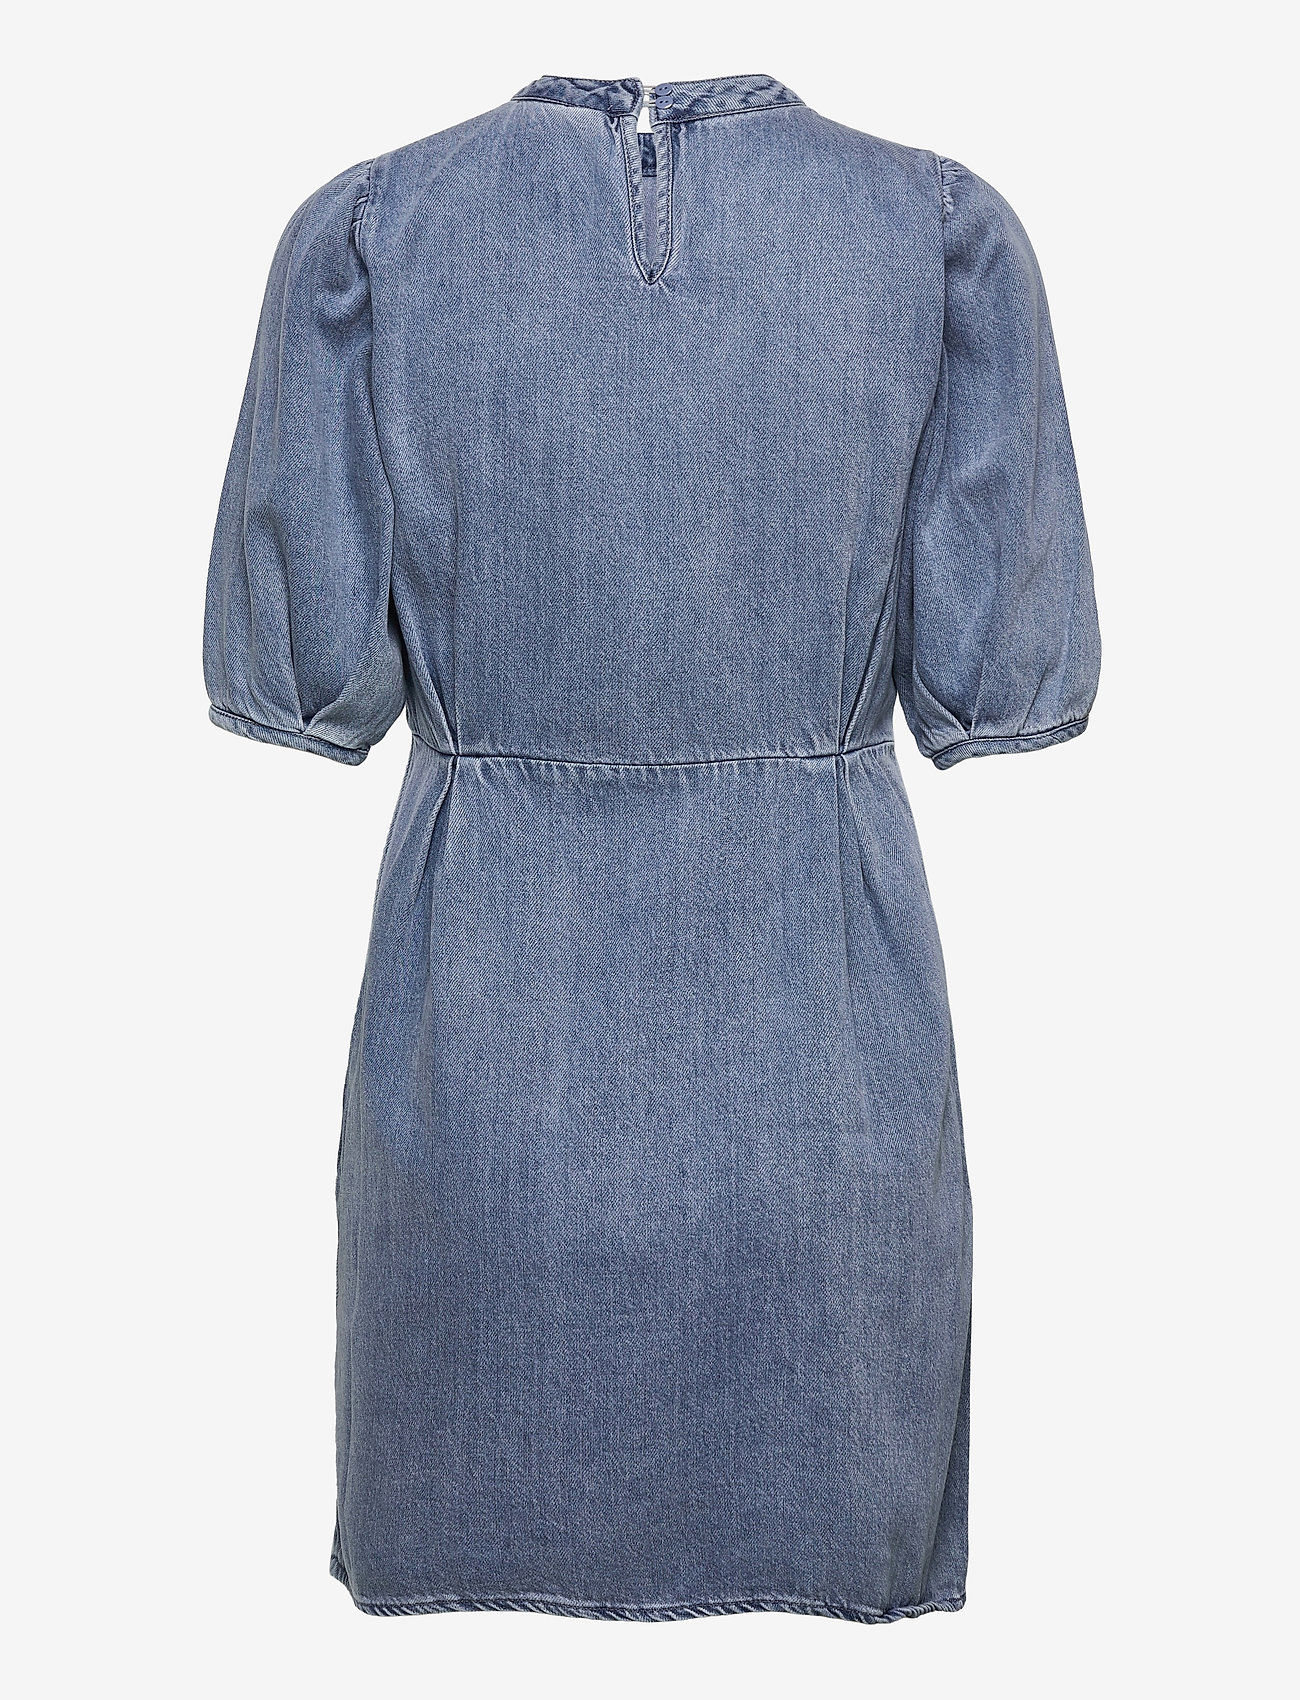 Vero Moda - VMBERTA 2/4 SHORT DENIM DRESS VMA - sommarklänningar - light blue denim - 1